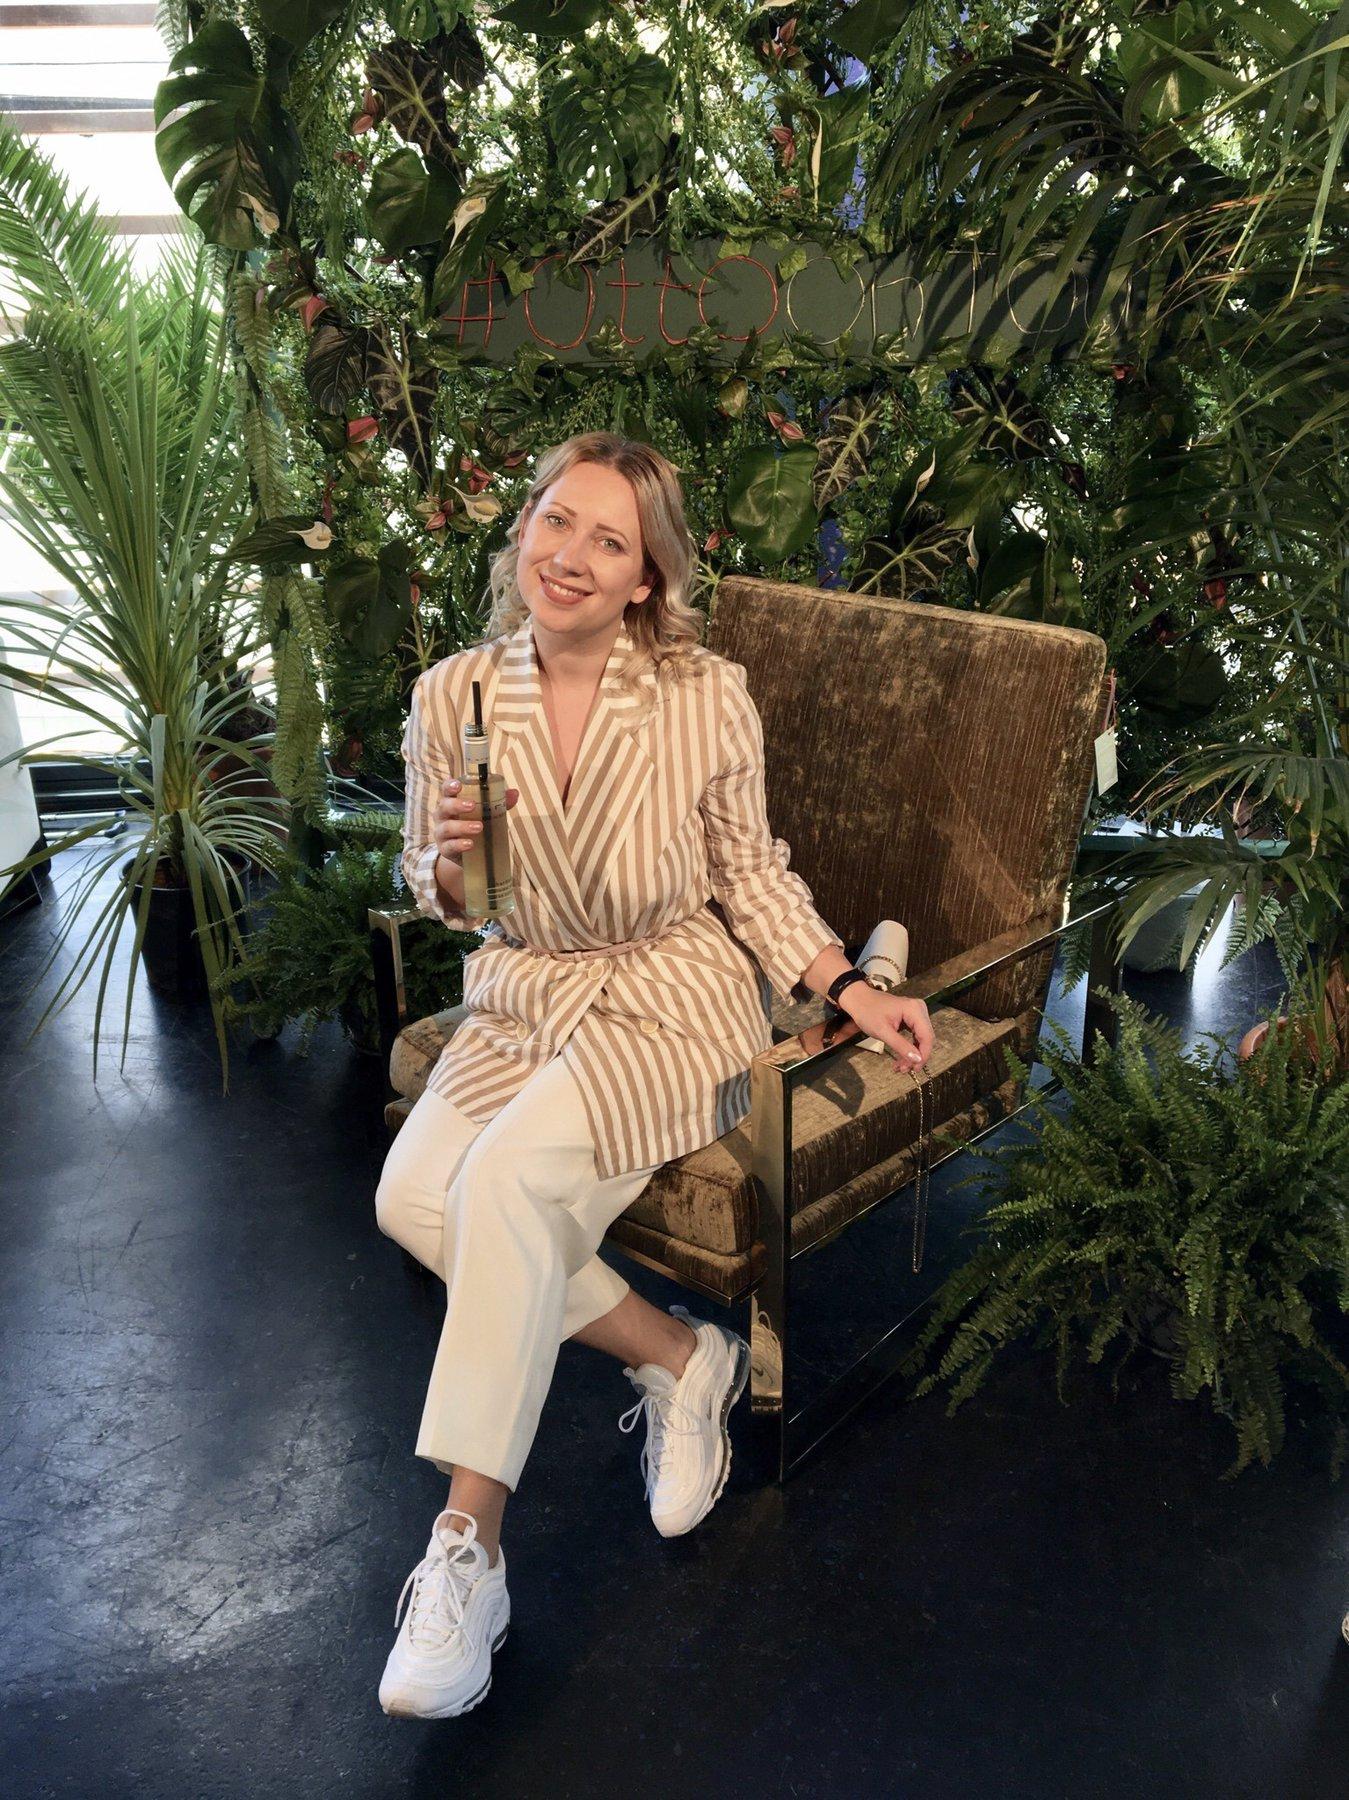 Gemeinsam mit Weinsponsor Bree bei der Beauty & Fashion Lounge am Potsdamer Platz